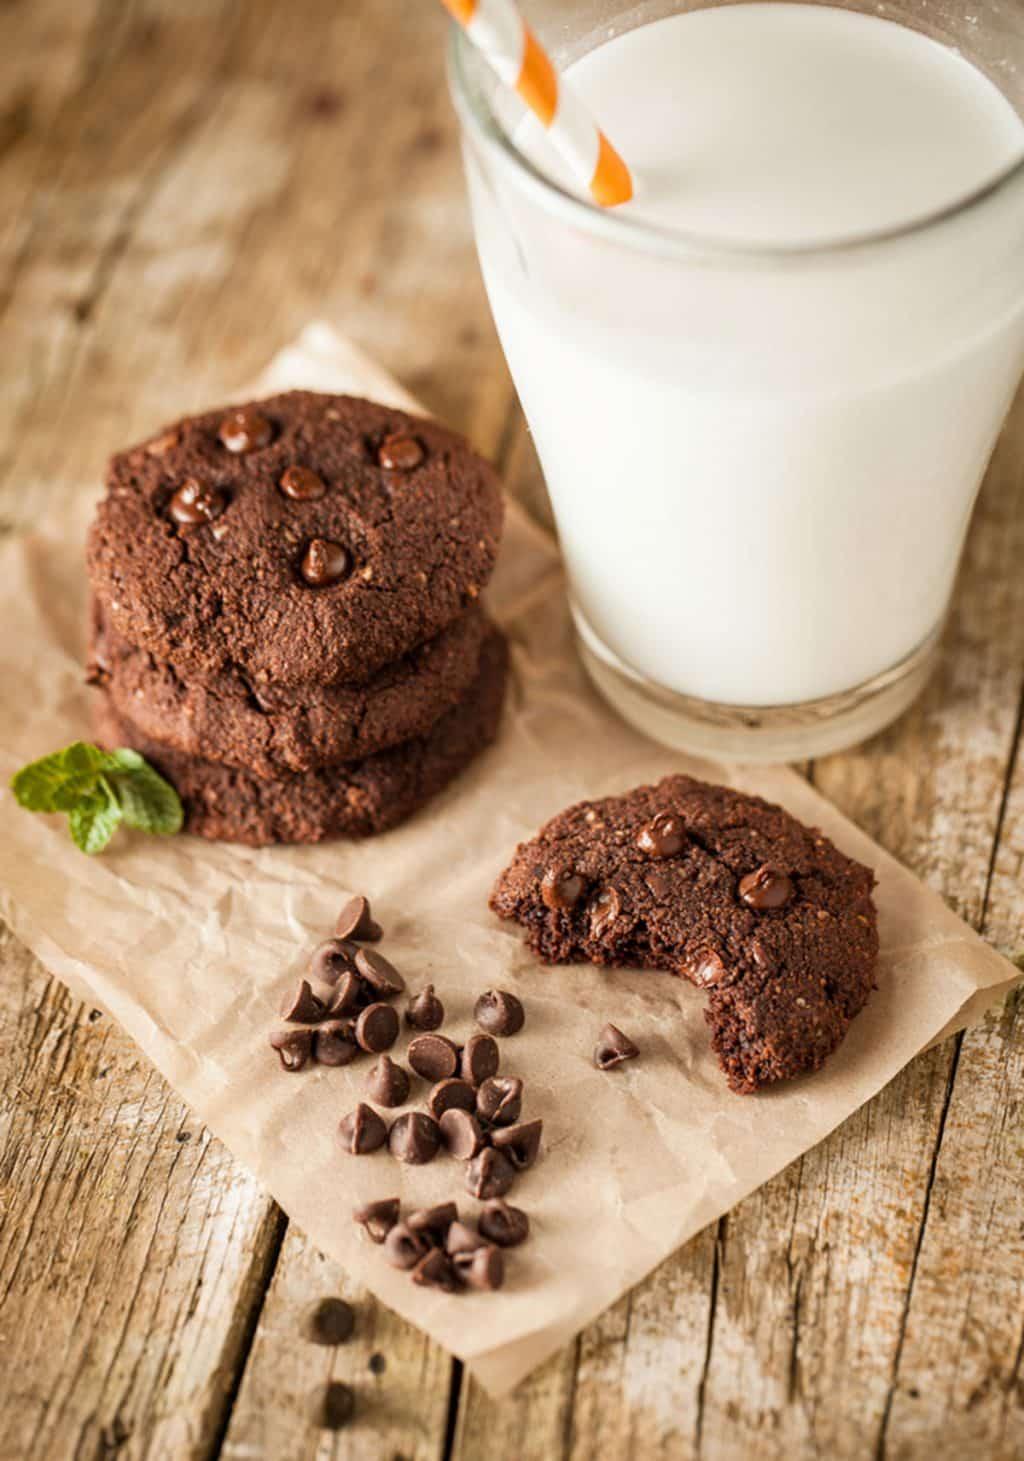 Coconut milk side-effects